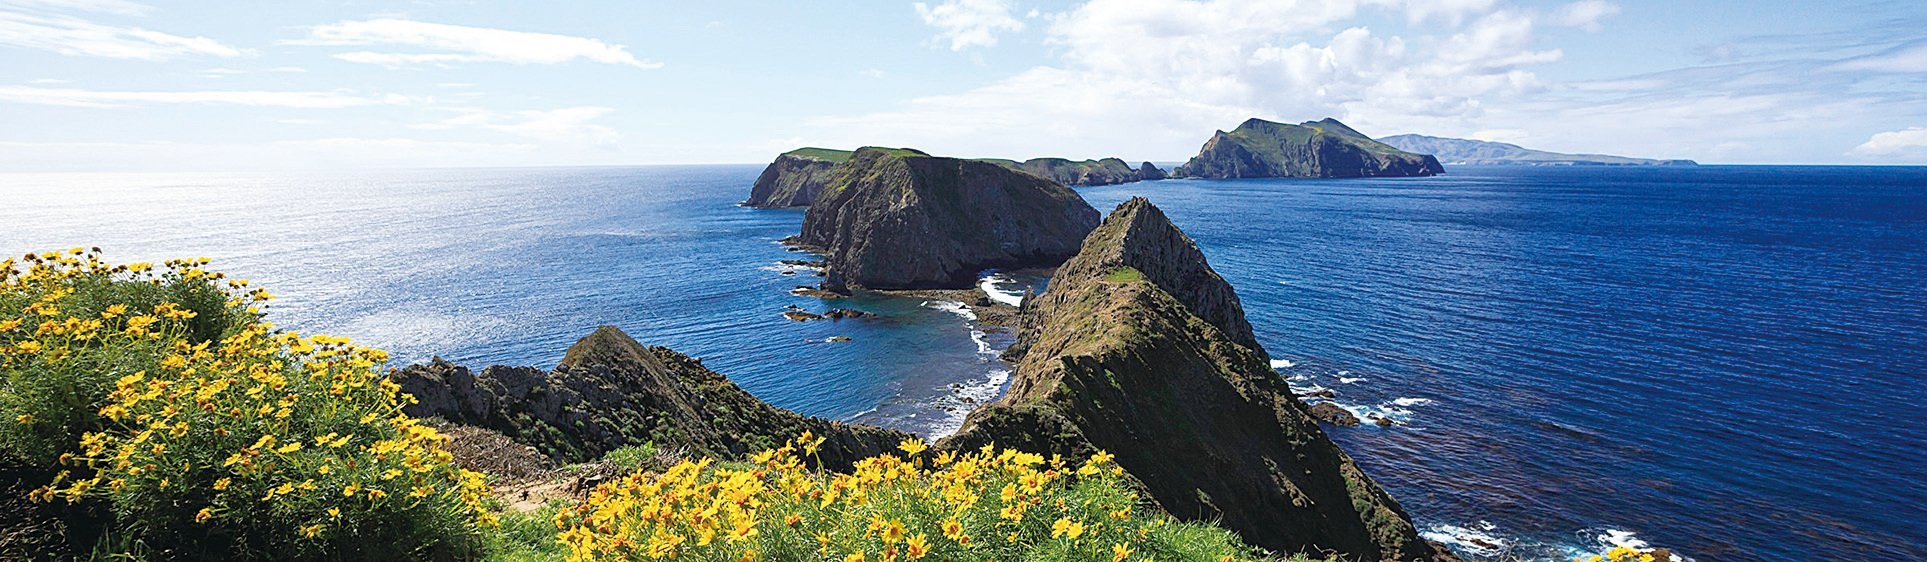 海峽群島國家公園(Channel Islands National Park)的美麗風景。(公園官網)